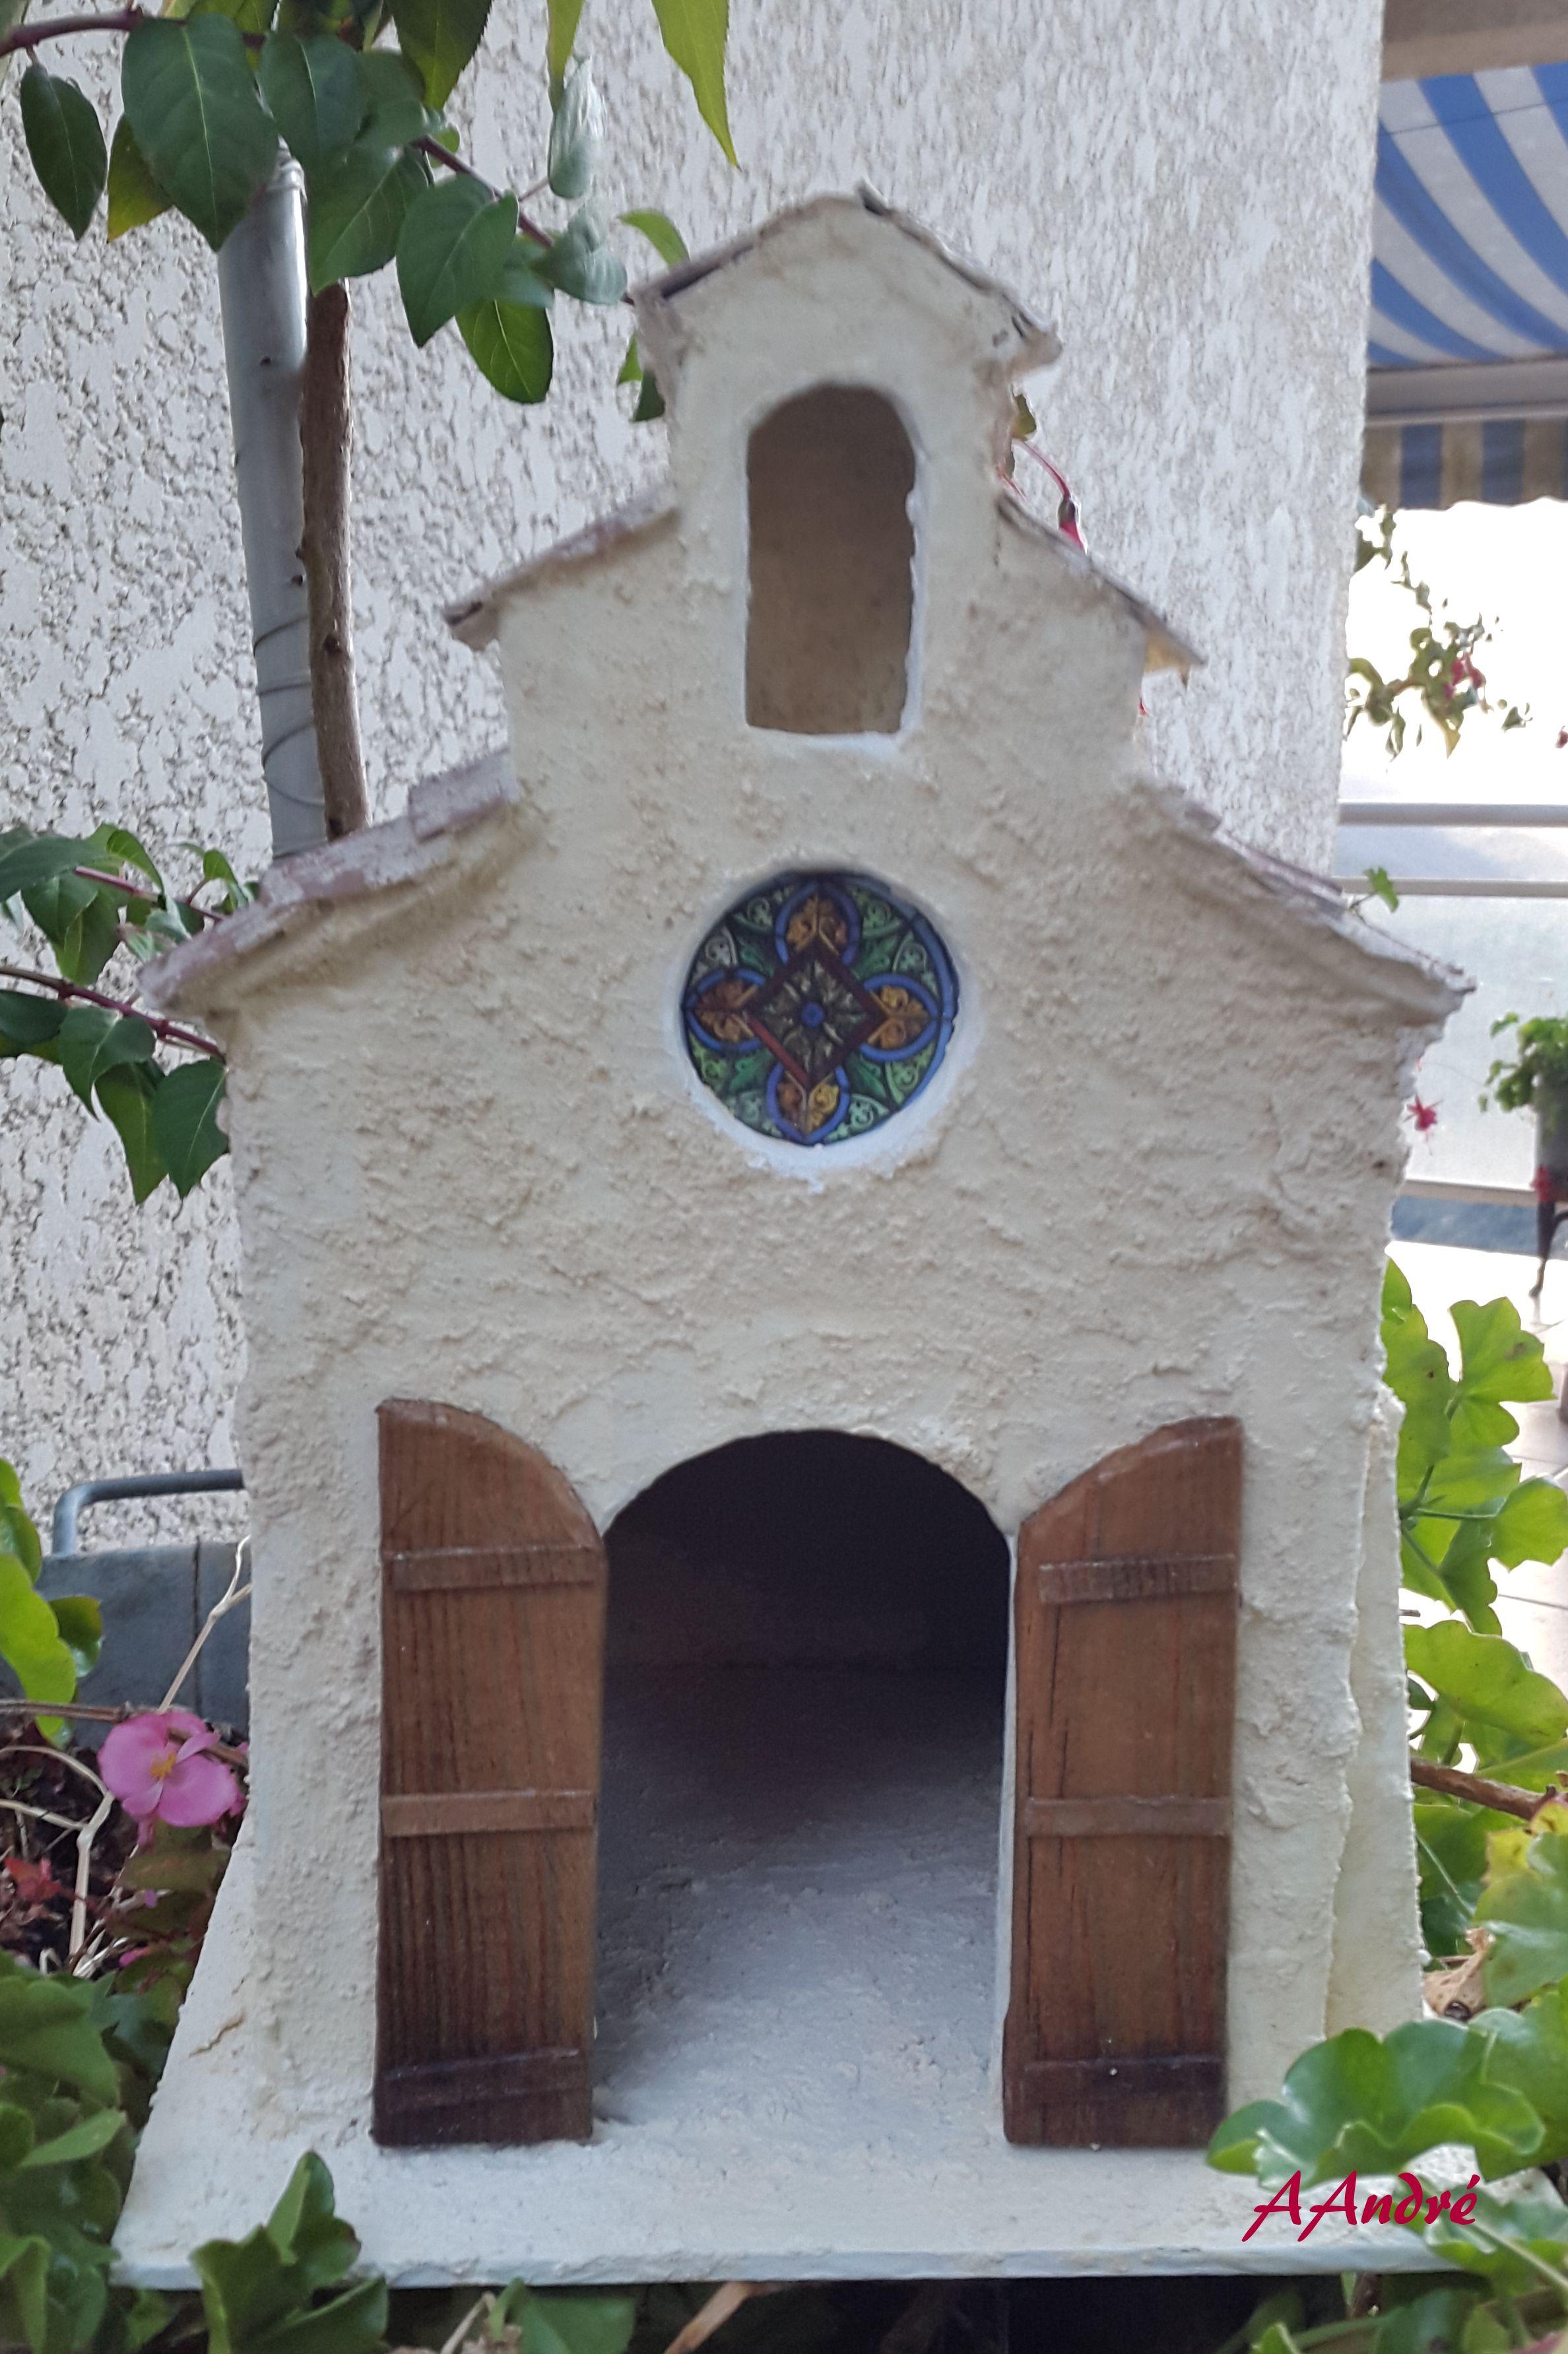 Chapelle en carton pour la cr che mobilier en miniature for Maison miniature en bois